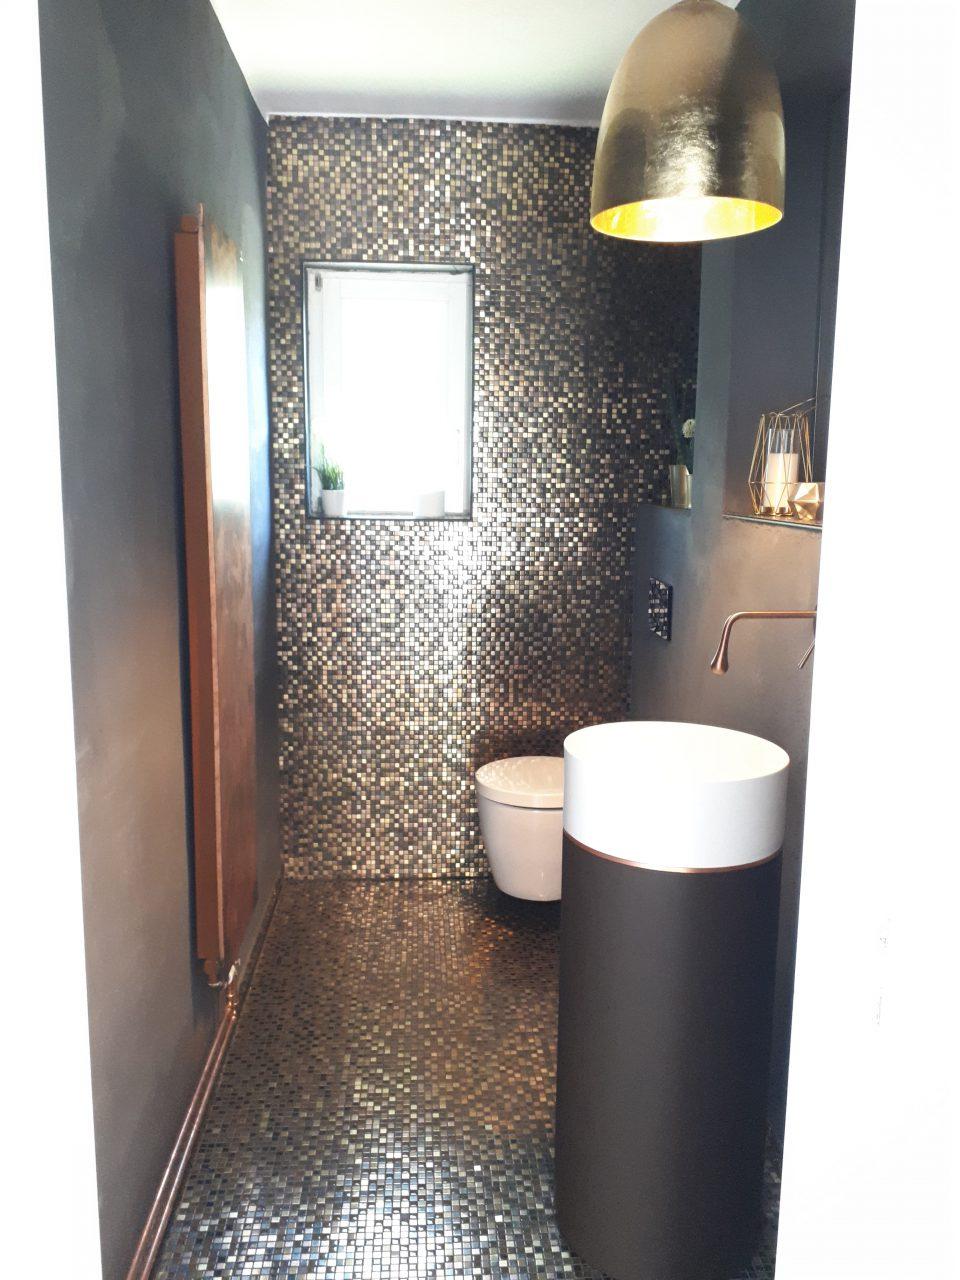 Das Gäste-WC in schwarz-gold nach der Sanierung.